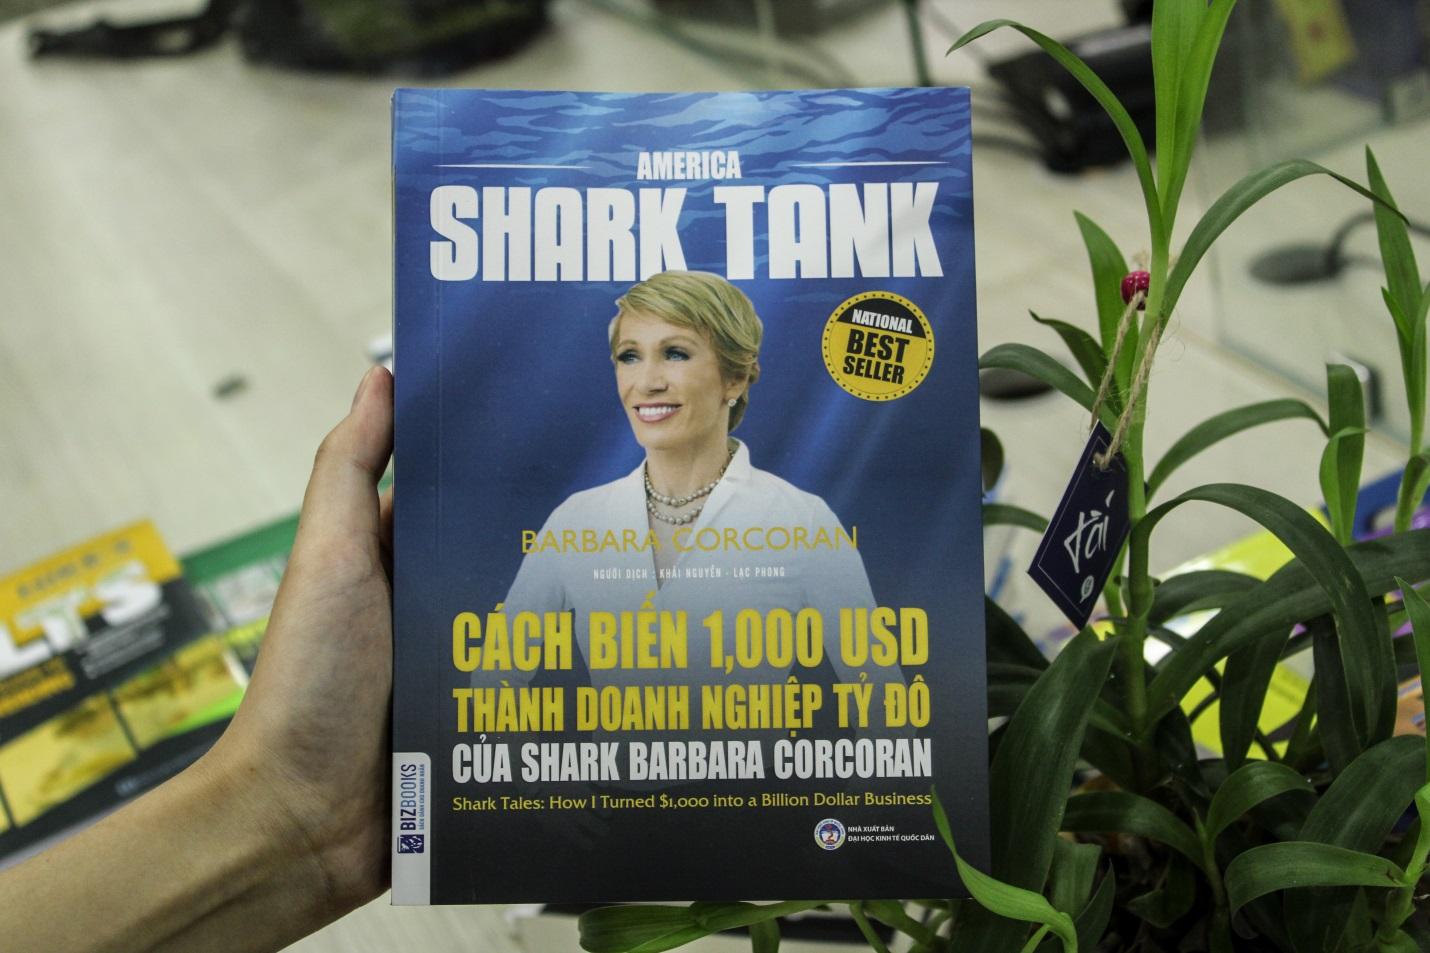 Shark Hưng: Từ review thú vị về bộ sách America Shark Tank đến lời khuyên start up thực tế - Ảnh 3.